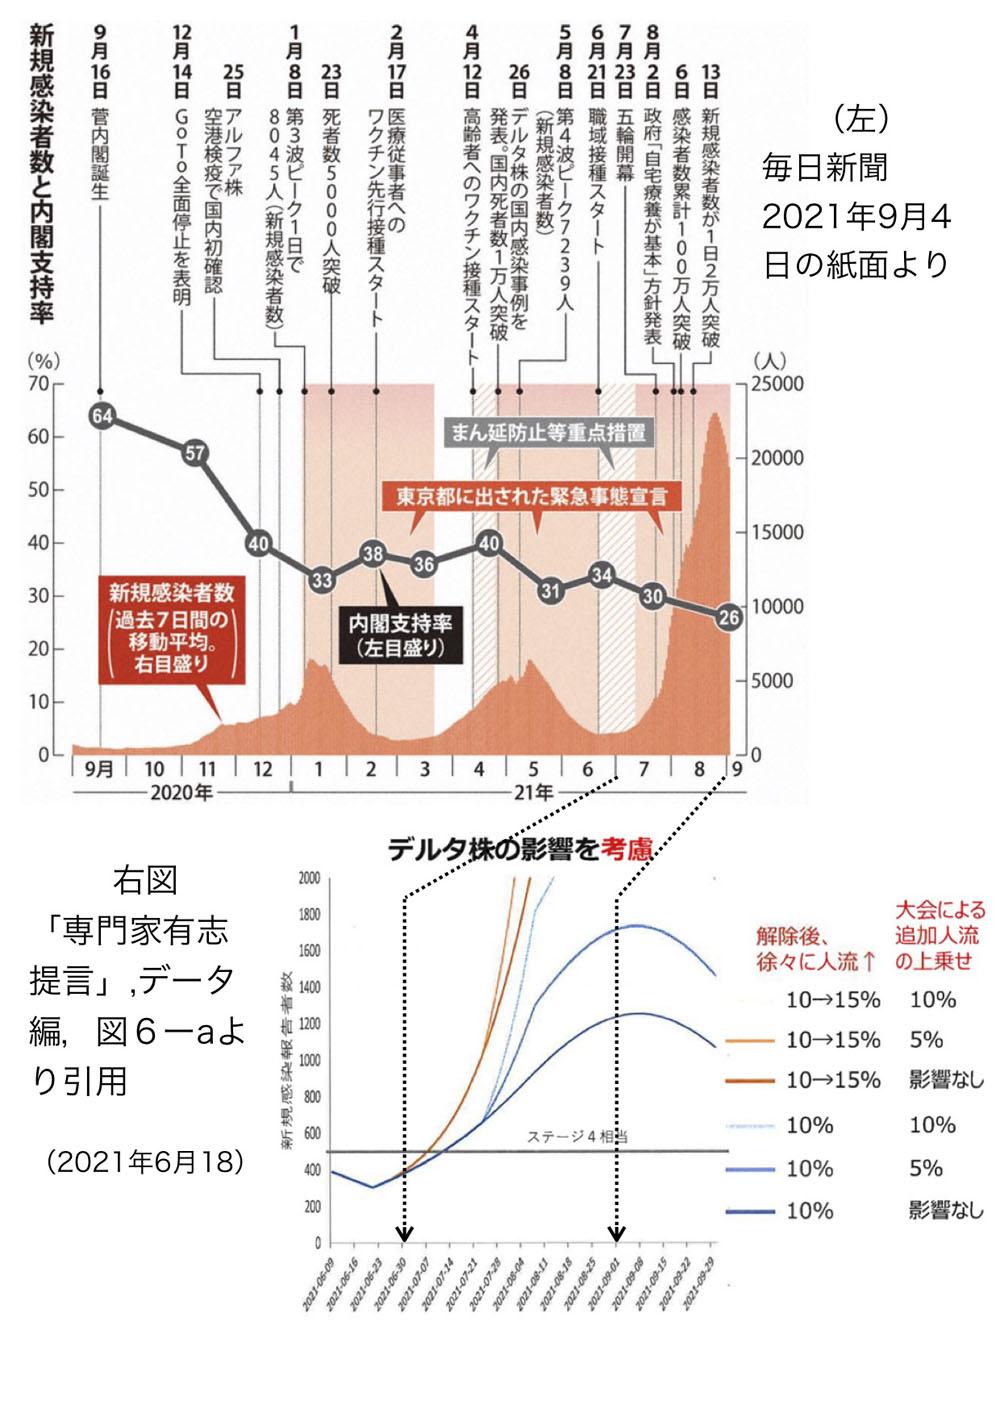 mainichi-senmonka-align.jpg